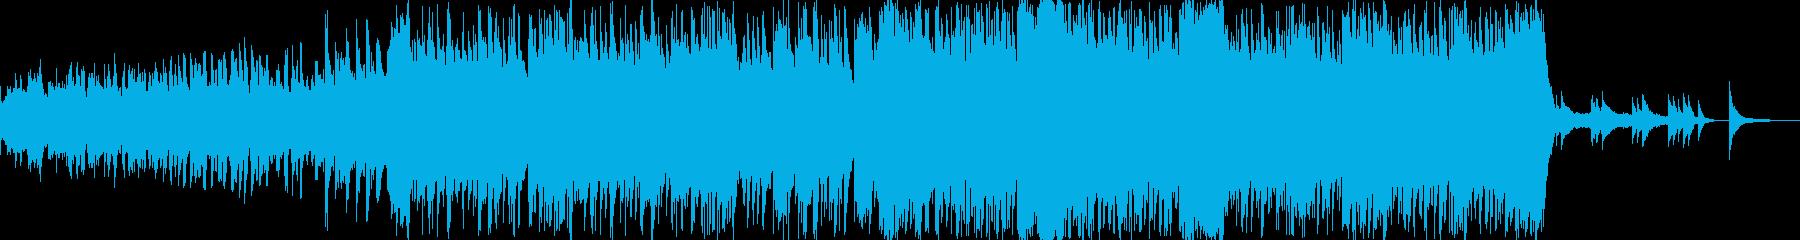 華やかで明るいイメージのBGMの再生済みの波形